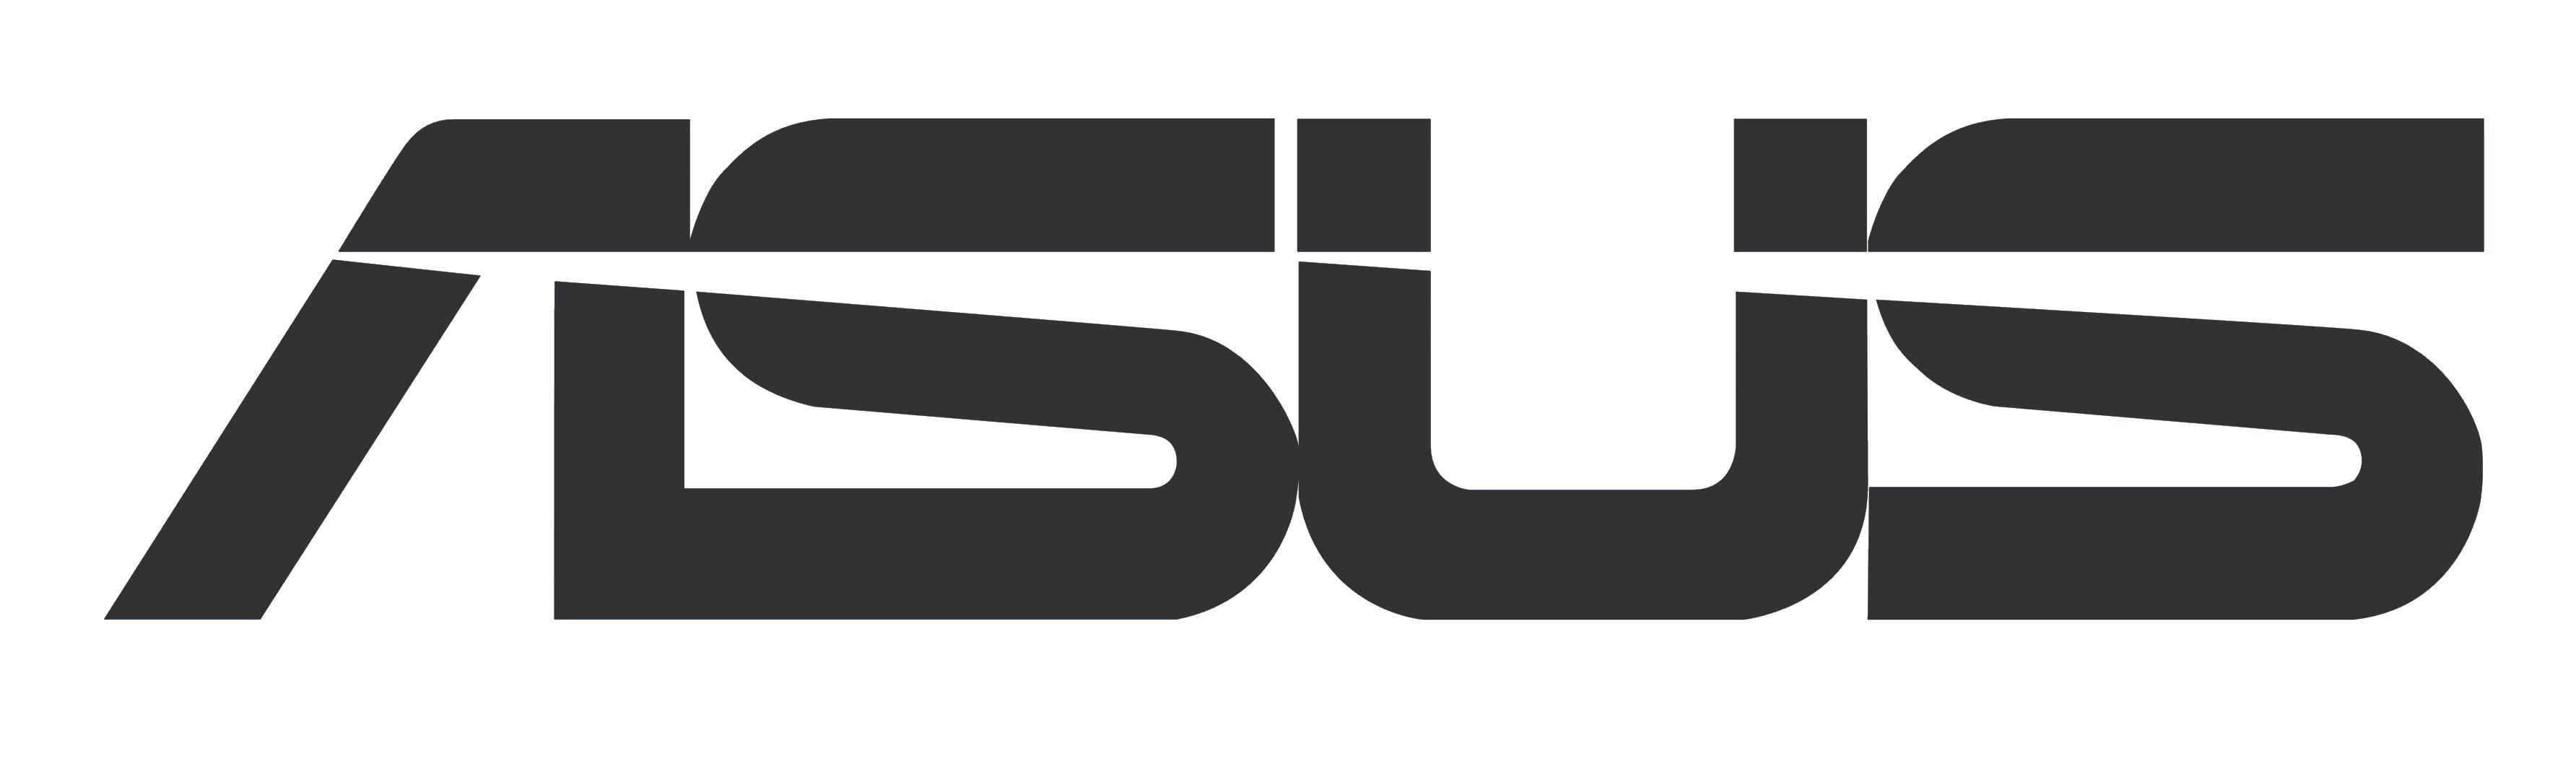 Vorschau: ASUS Warranty Extension Package Local Virtual - Serviceerweiterung - Arbeitszeit und Ersatzteile (für Notebook mit 2 Jahre Carry-In-Garantie)